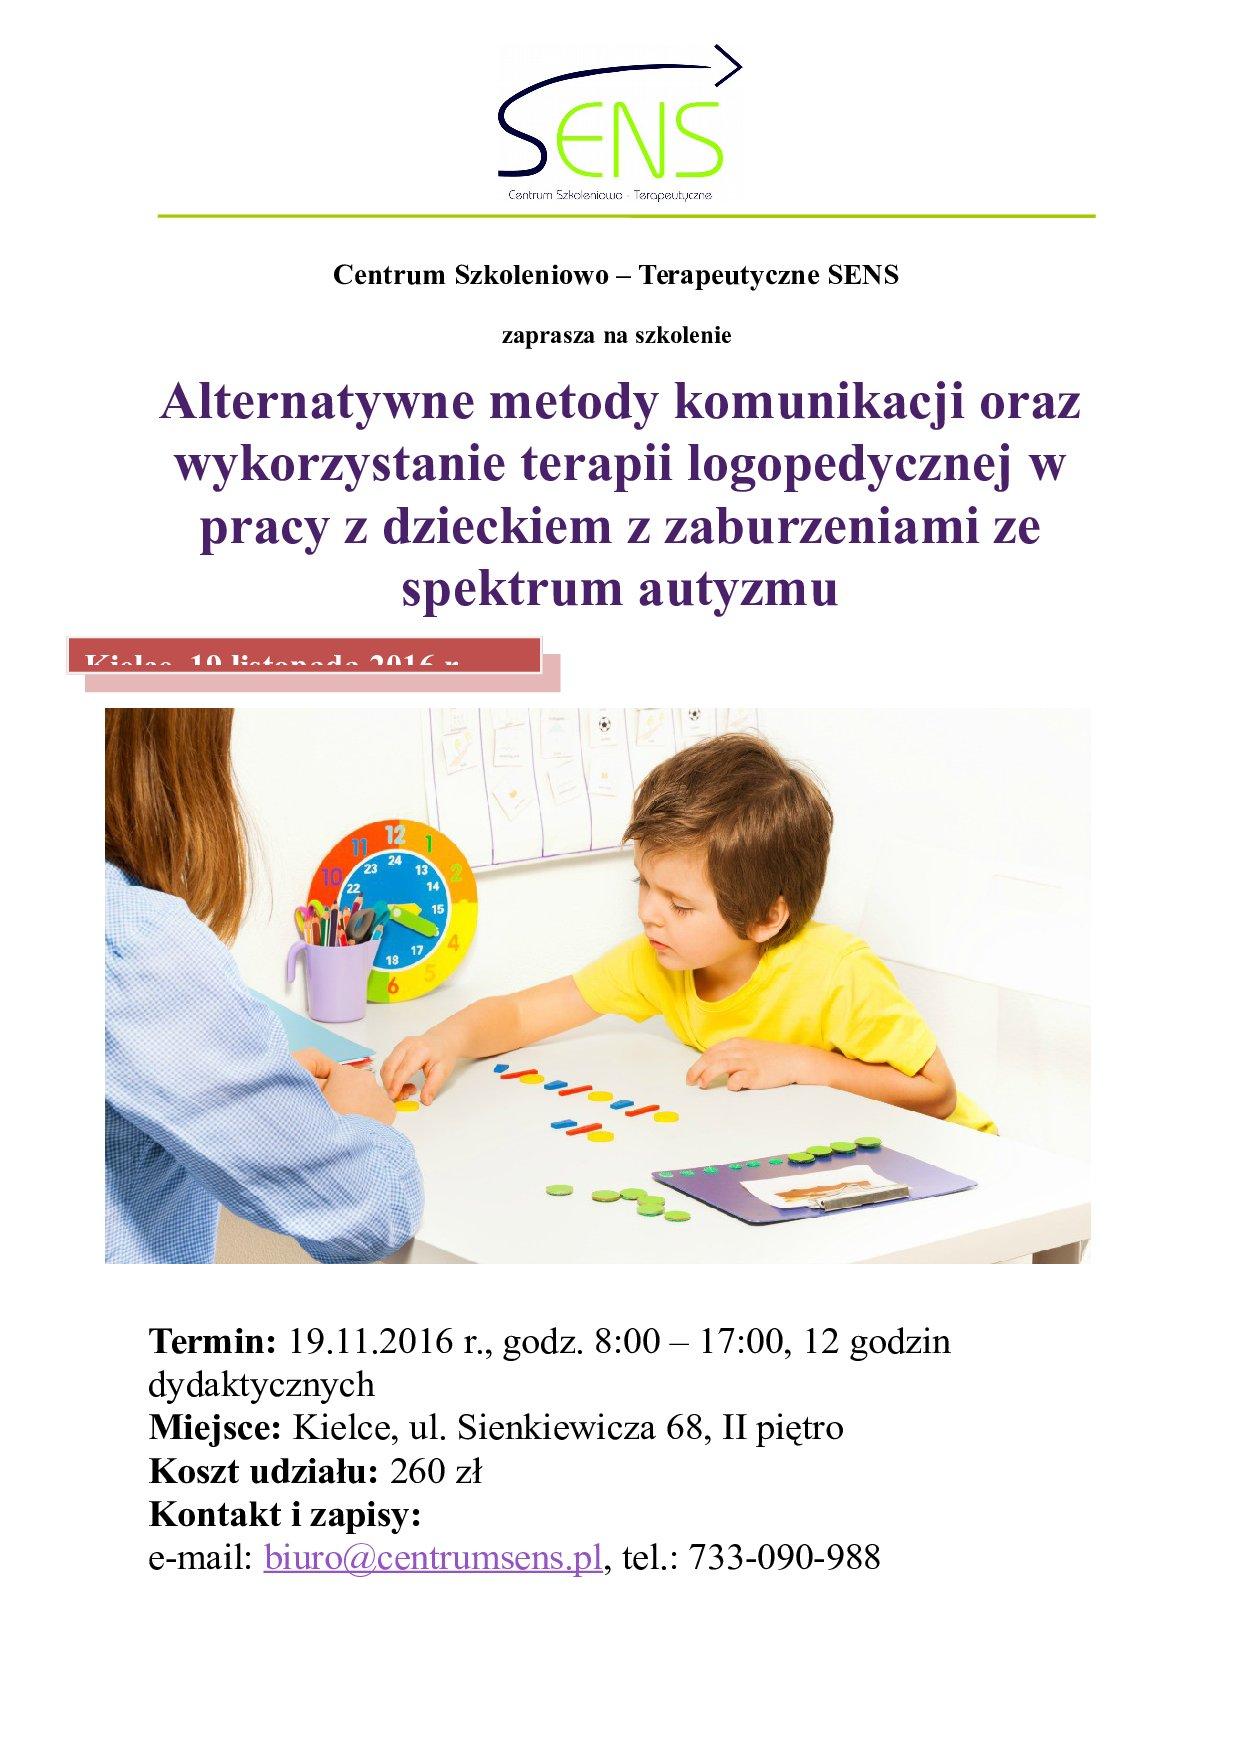 Kielce. Alternatywne metody komunikacji oraz terapia logopedyczna dziecka z autyzmem. 19.11.2016 r.